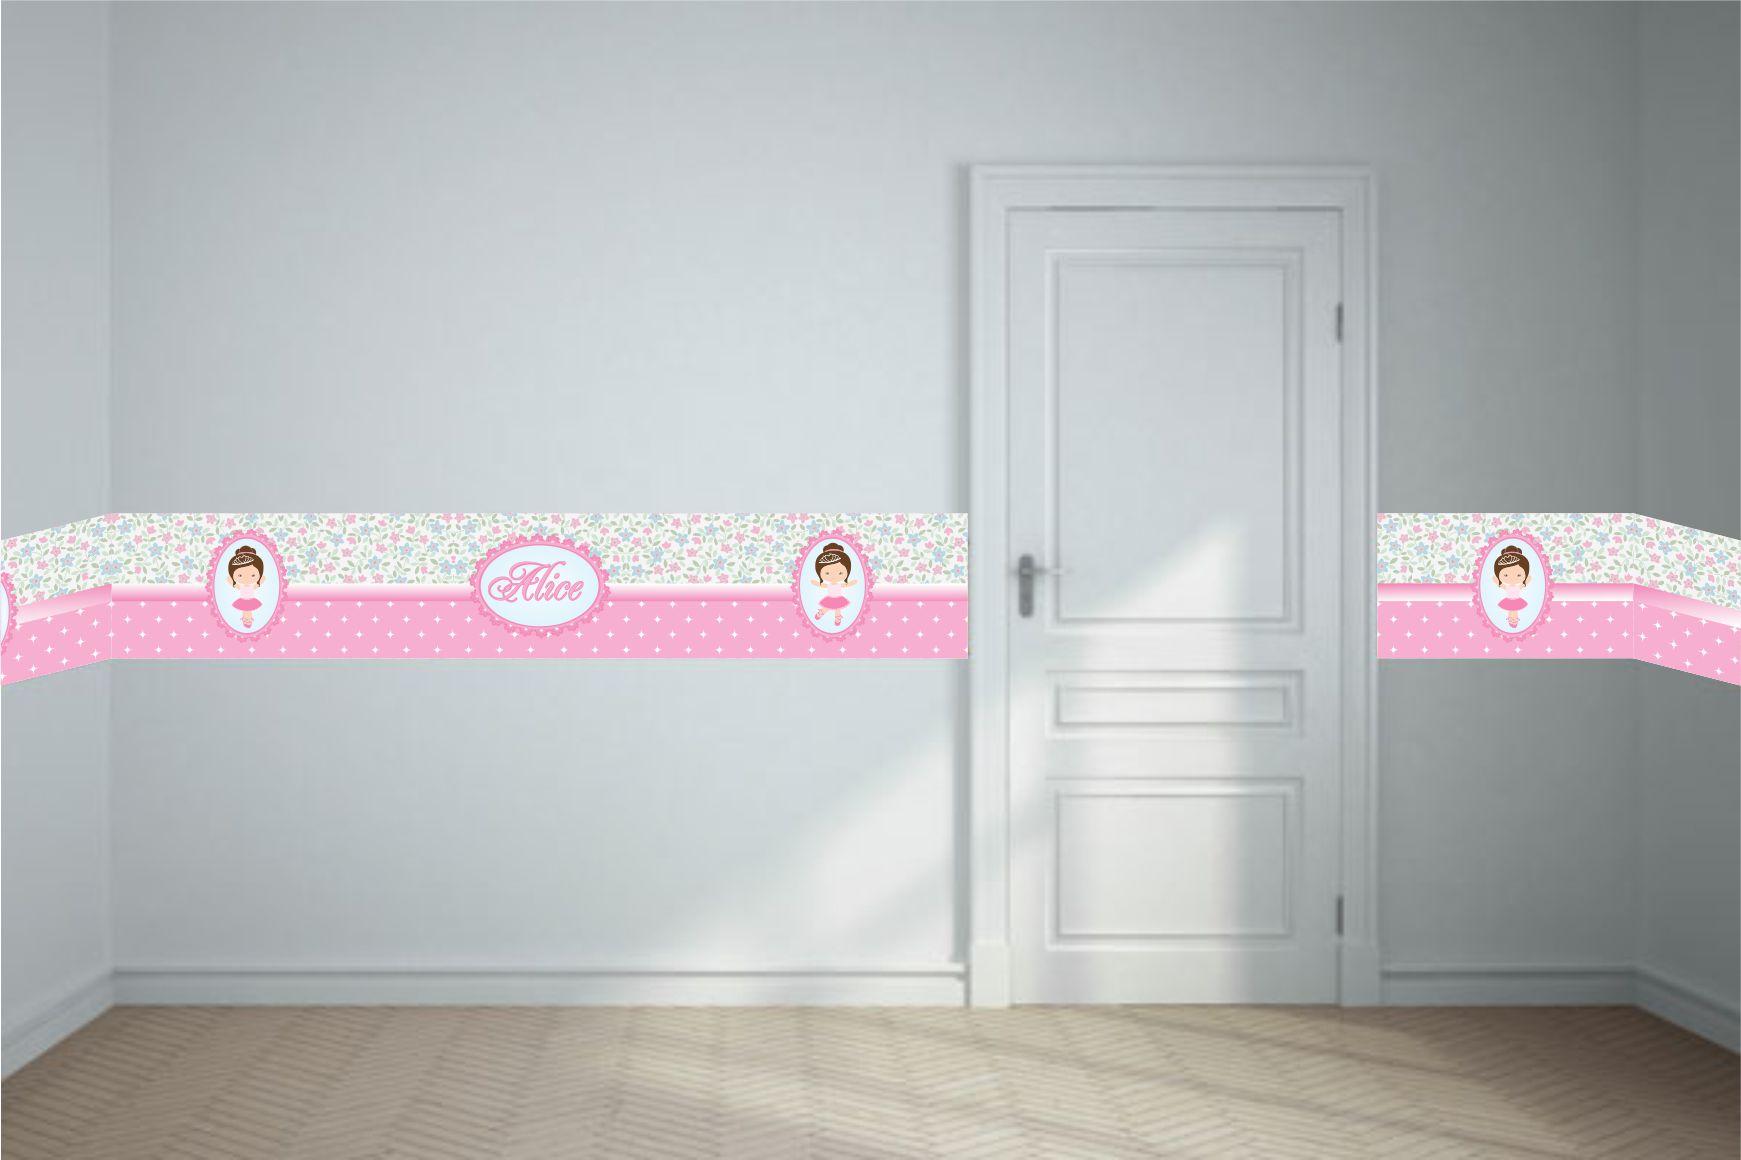 Adesivo Faixa Border Alice Print Design e  ~ Adesivo De Parede Para Quarto De Bebe Aliexpress